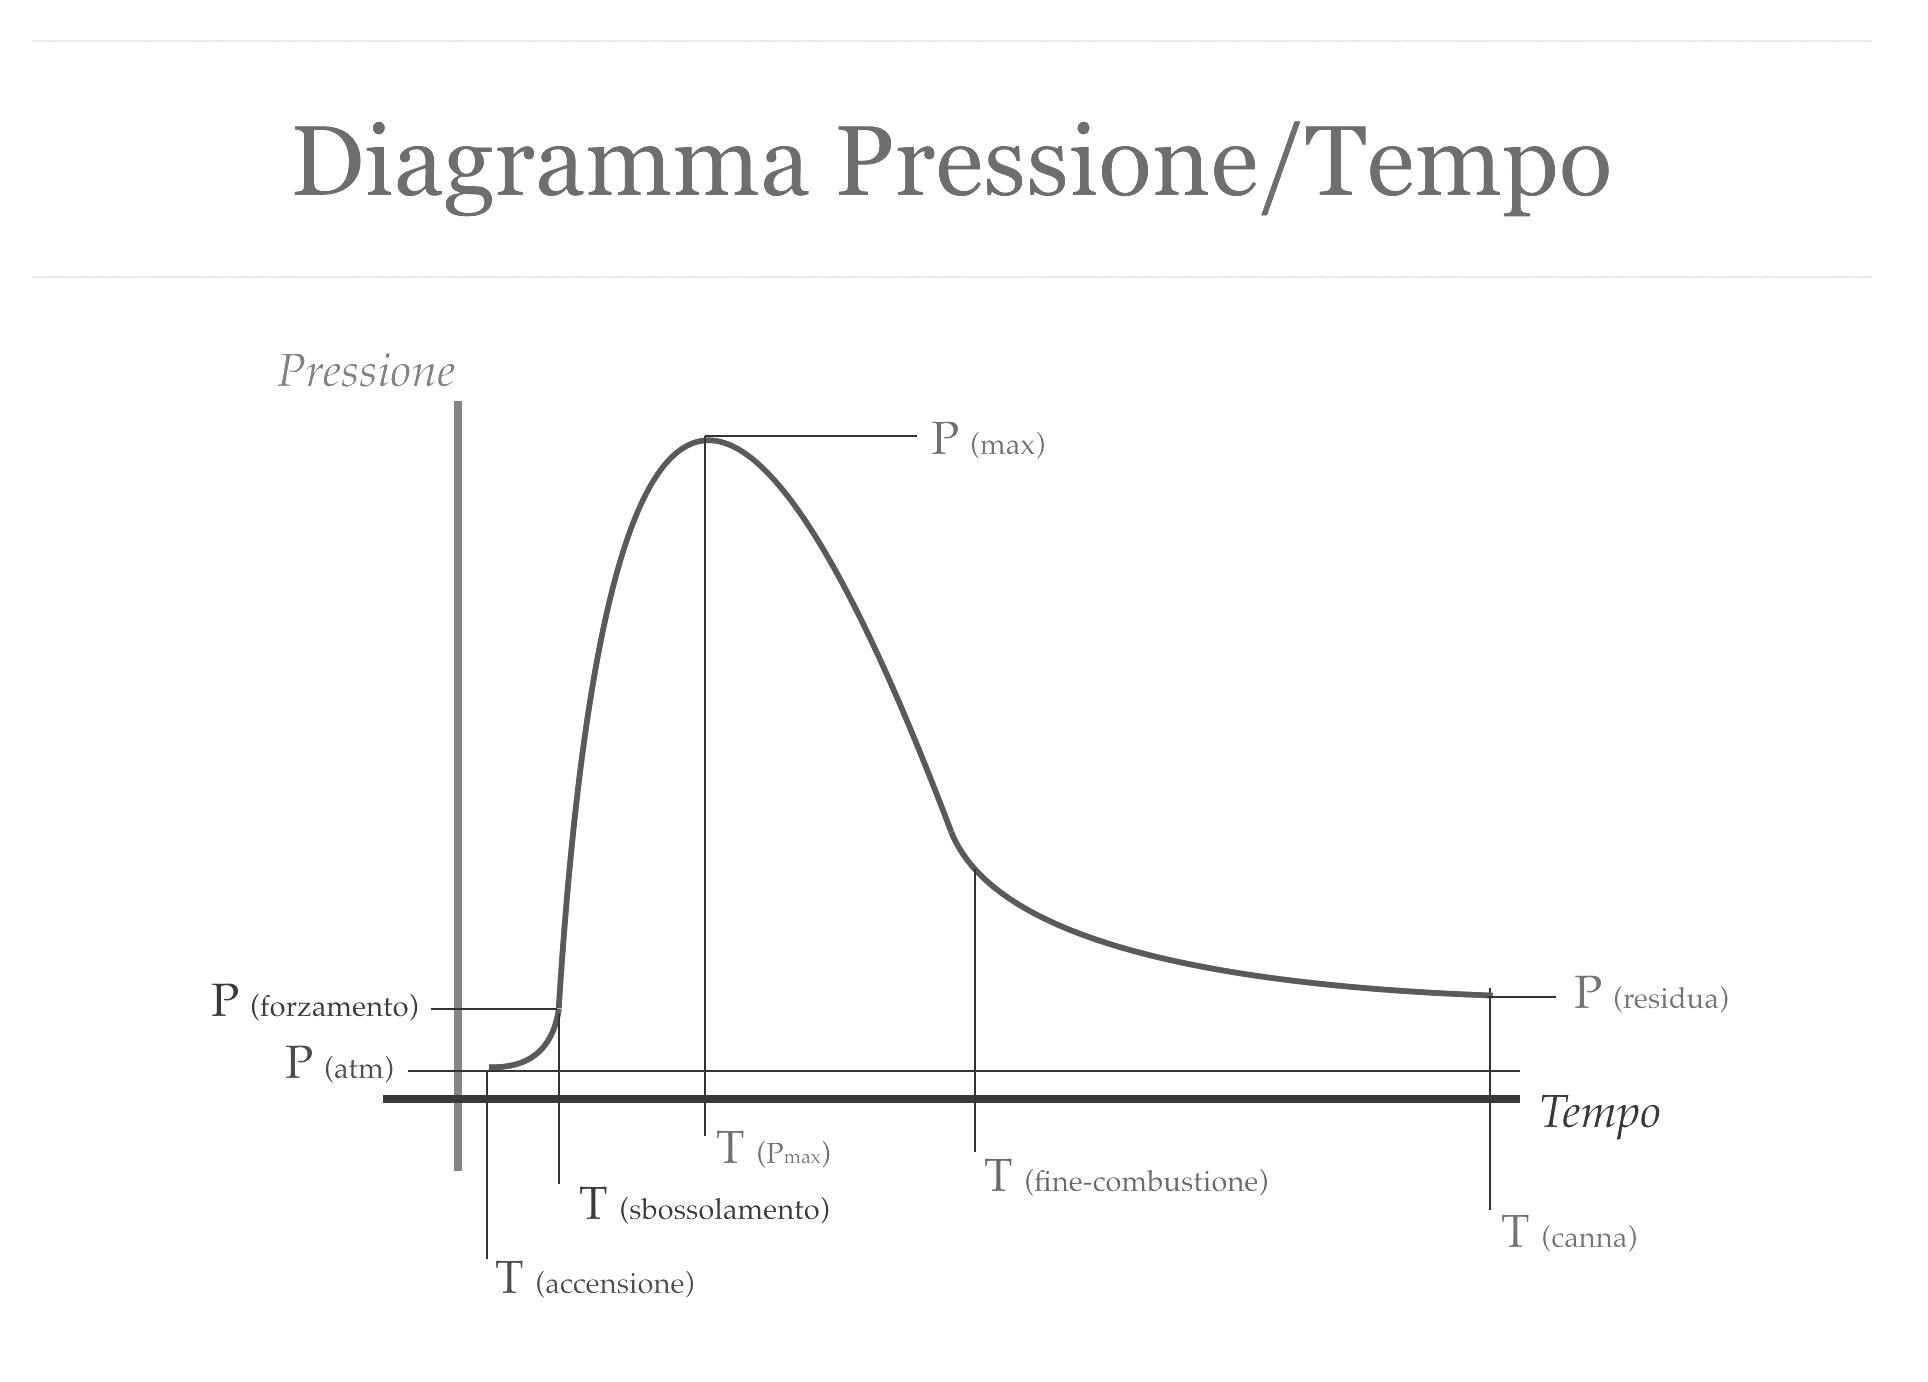 Diagramma pressione tempo